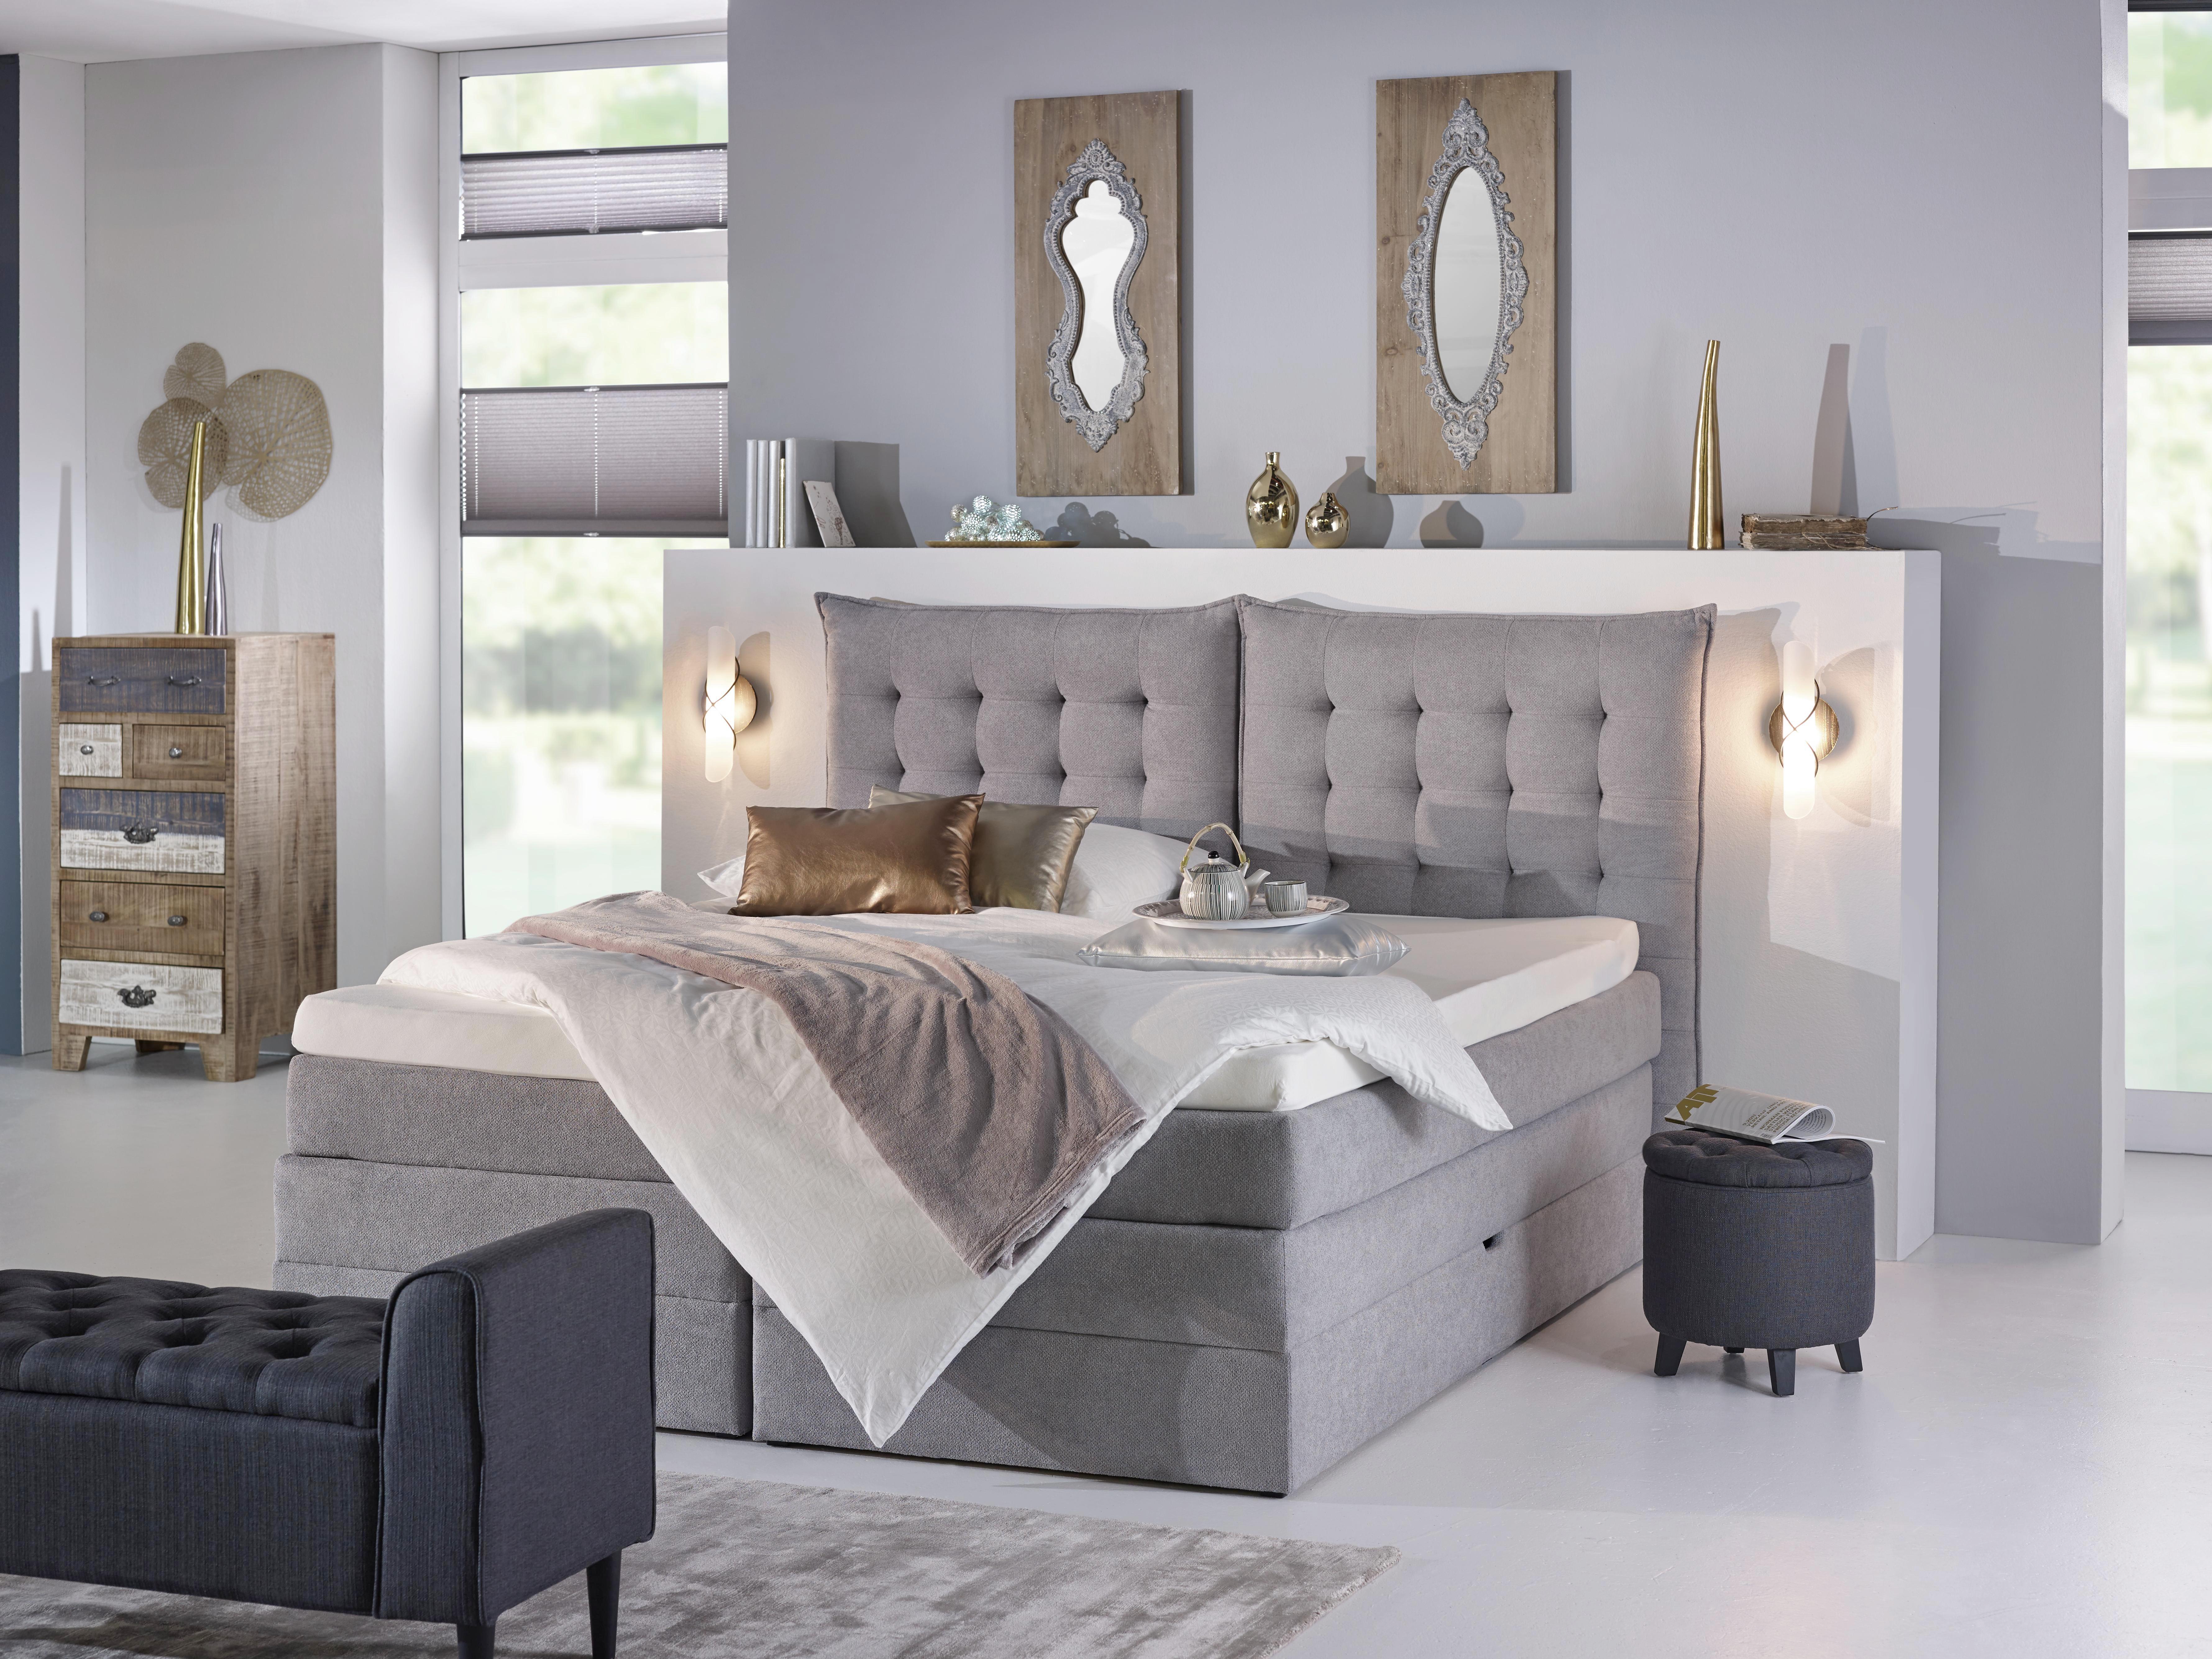 Bett in Grau, ca. 180x200cm - Schwarz/Grau, KONVENTIONELL, Kunststoff/Textil (214/198/131cm) - premium living